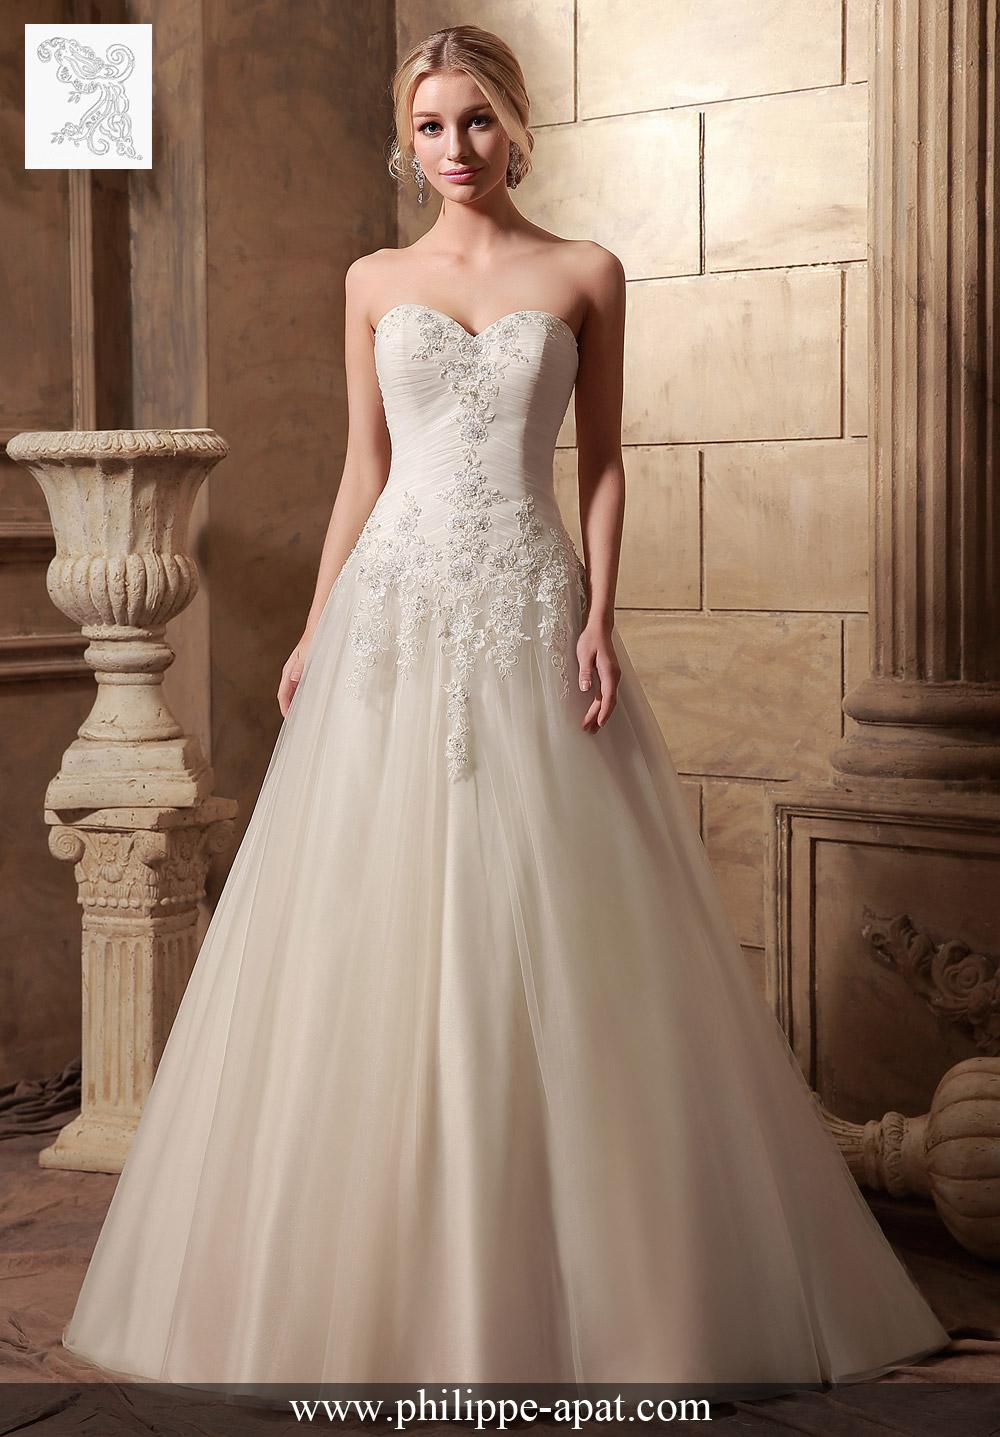 définition de pure romance dans cette robe de mariée classique, avec des appliques de dentelle, brodée de perles et de cristaux, et accentuée avec un